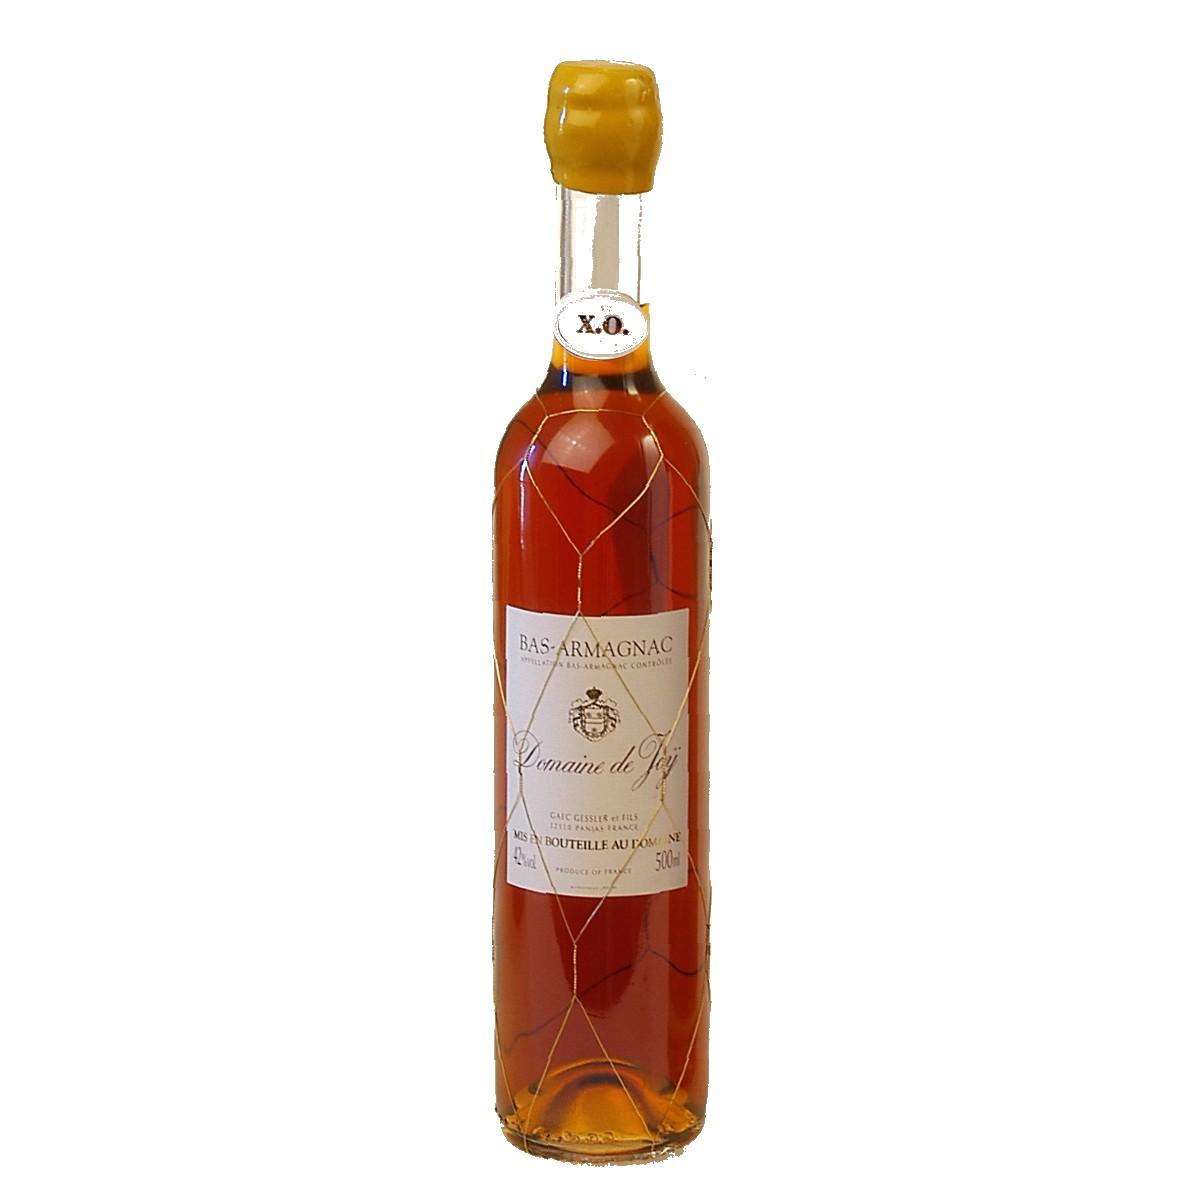 Bas Armagnac XO 8 ans 50 cl